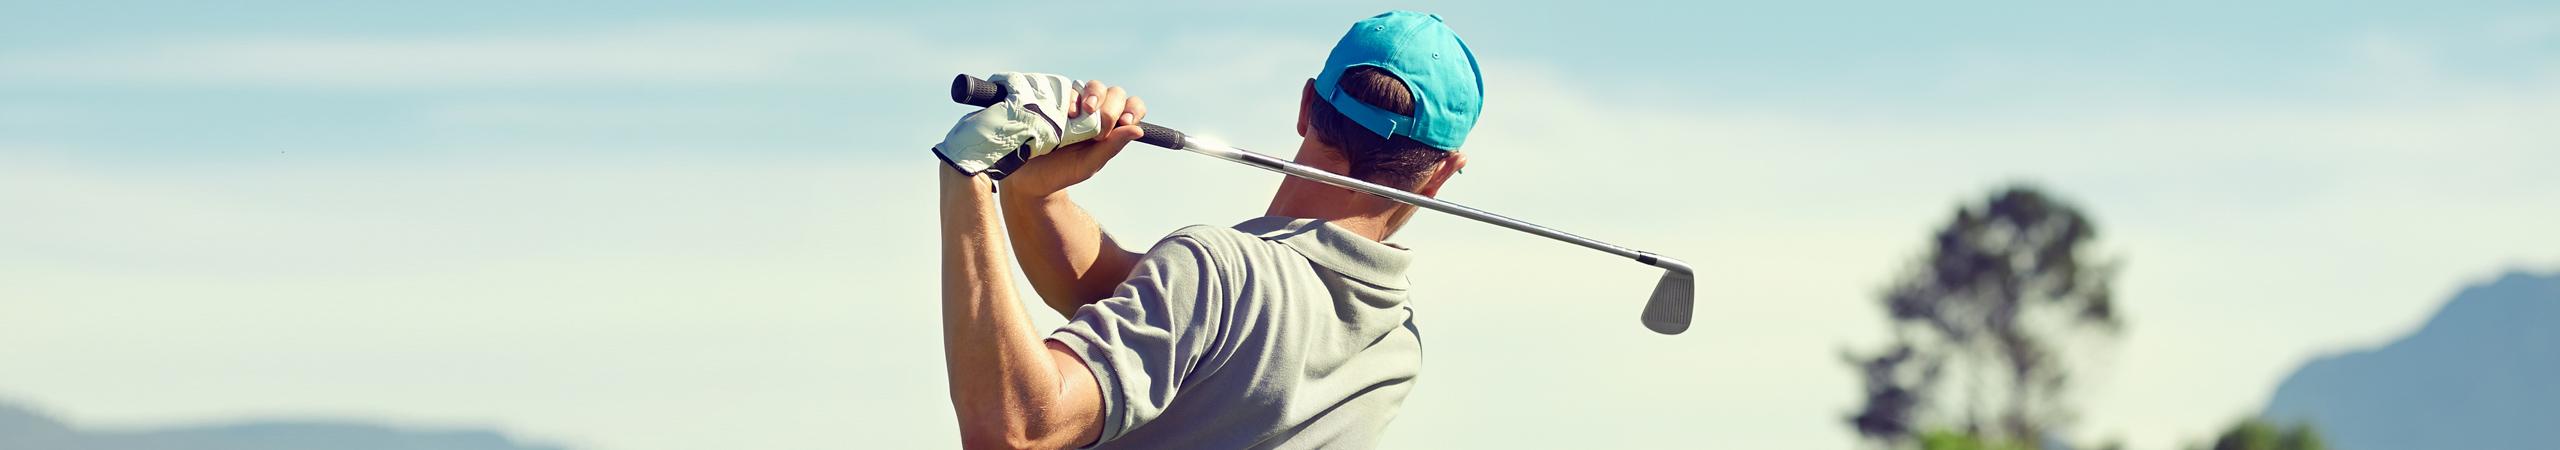 Nos vêtements, équipements et accessoires de golf